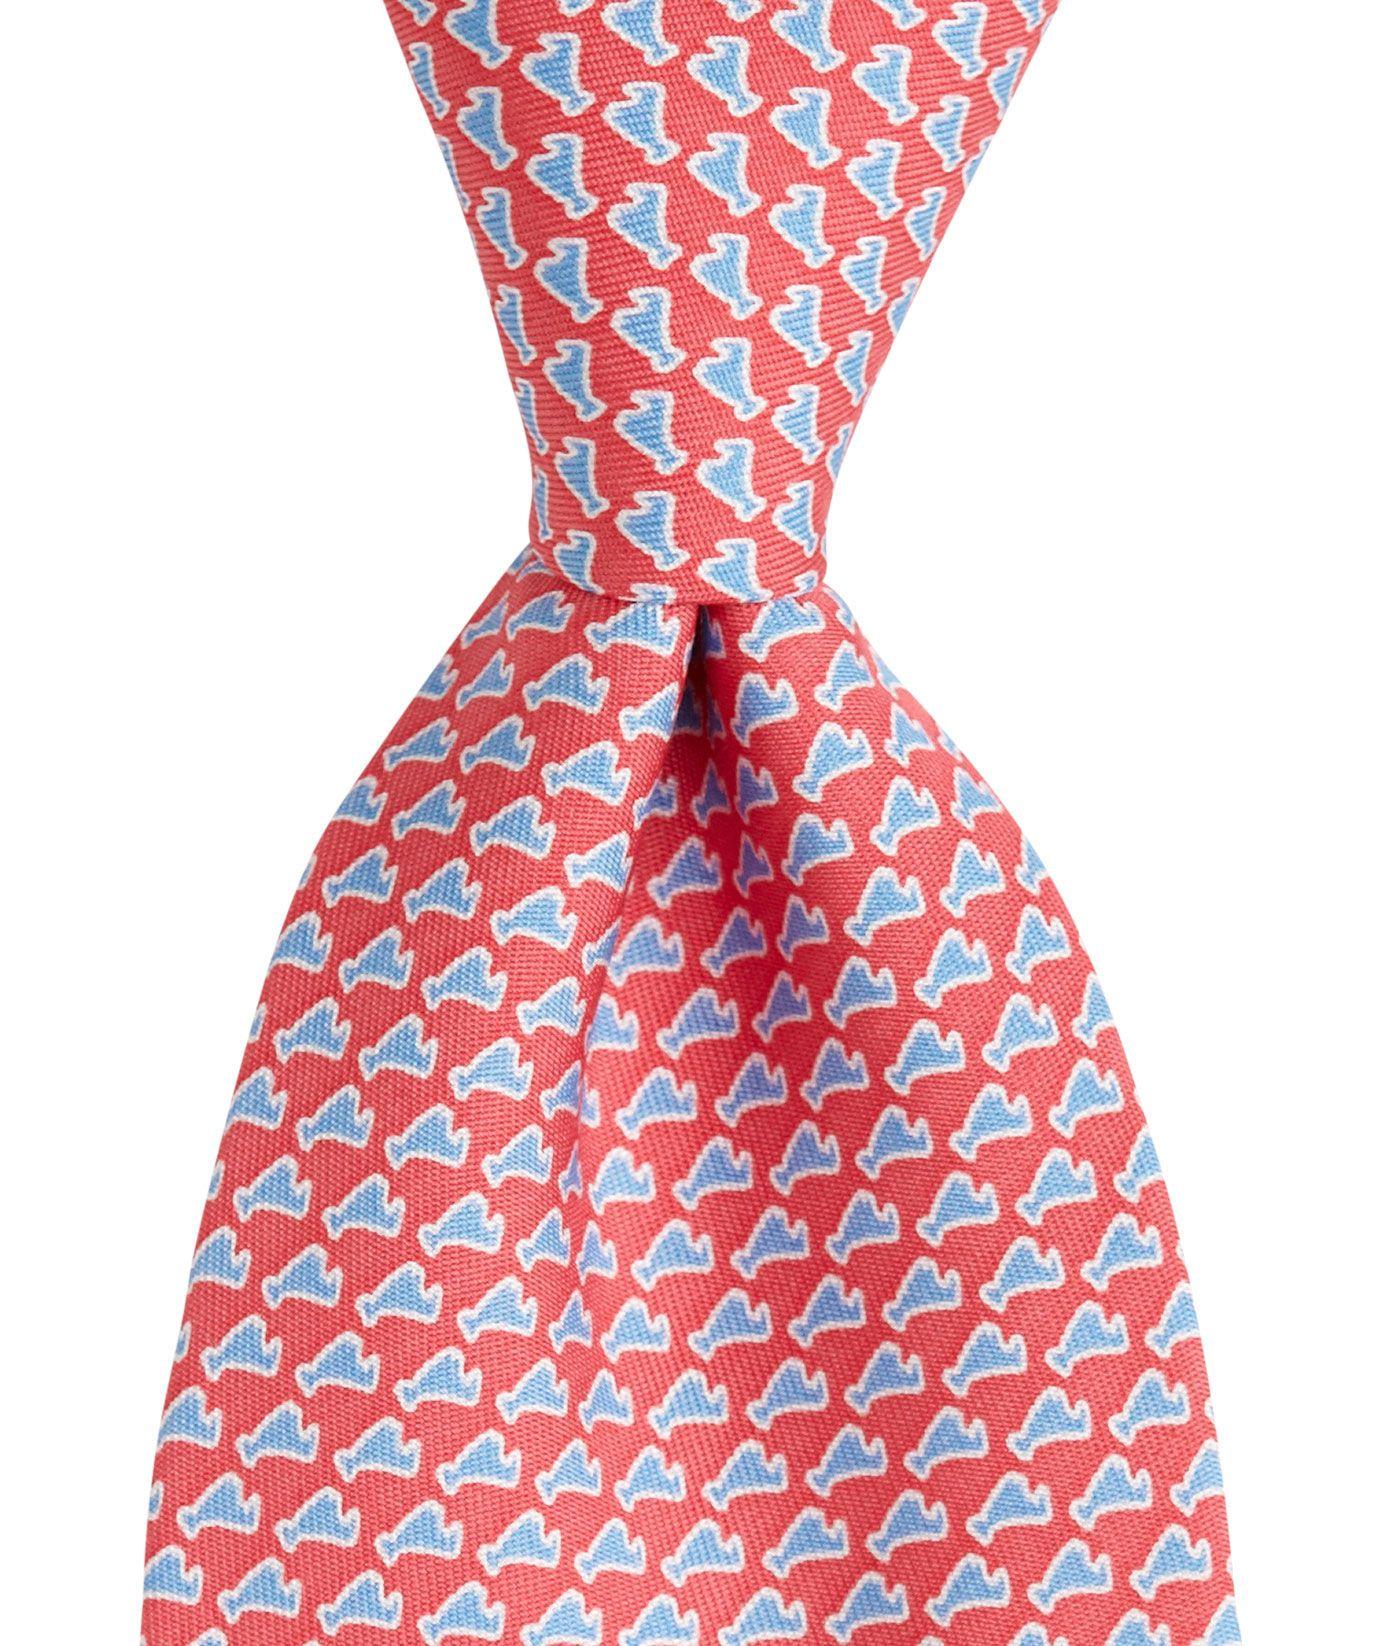 Men's Ties: Martha's Vineyard Printed Silk Tie for Men – Vineyard Vines